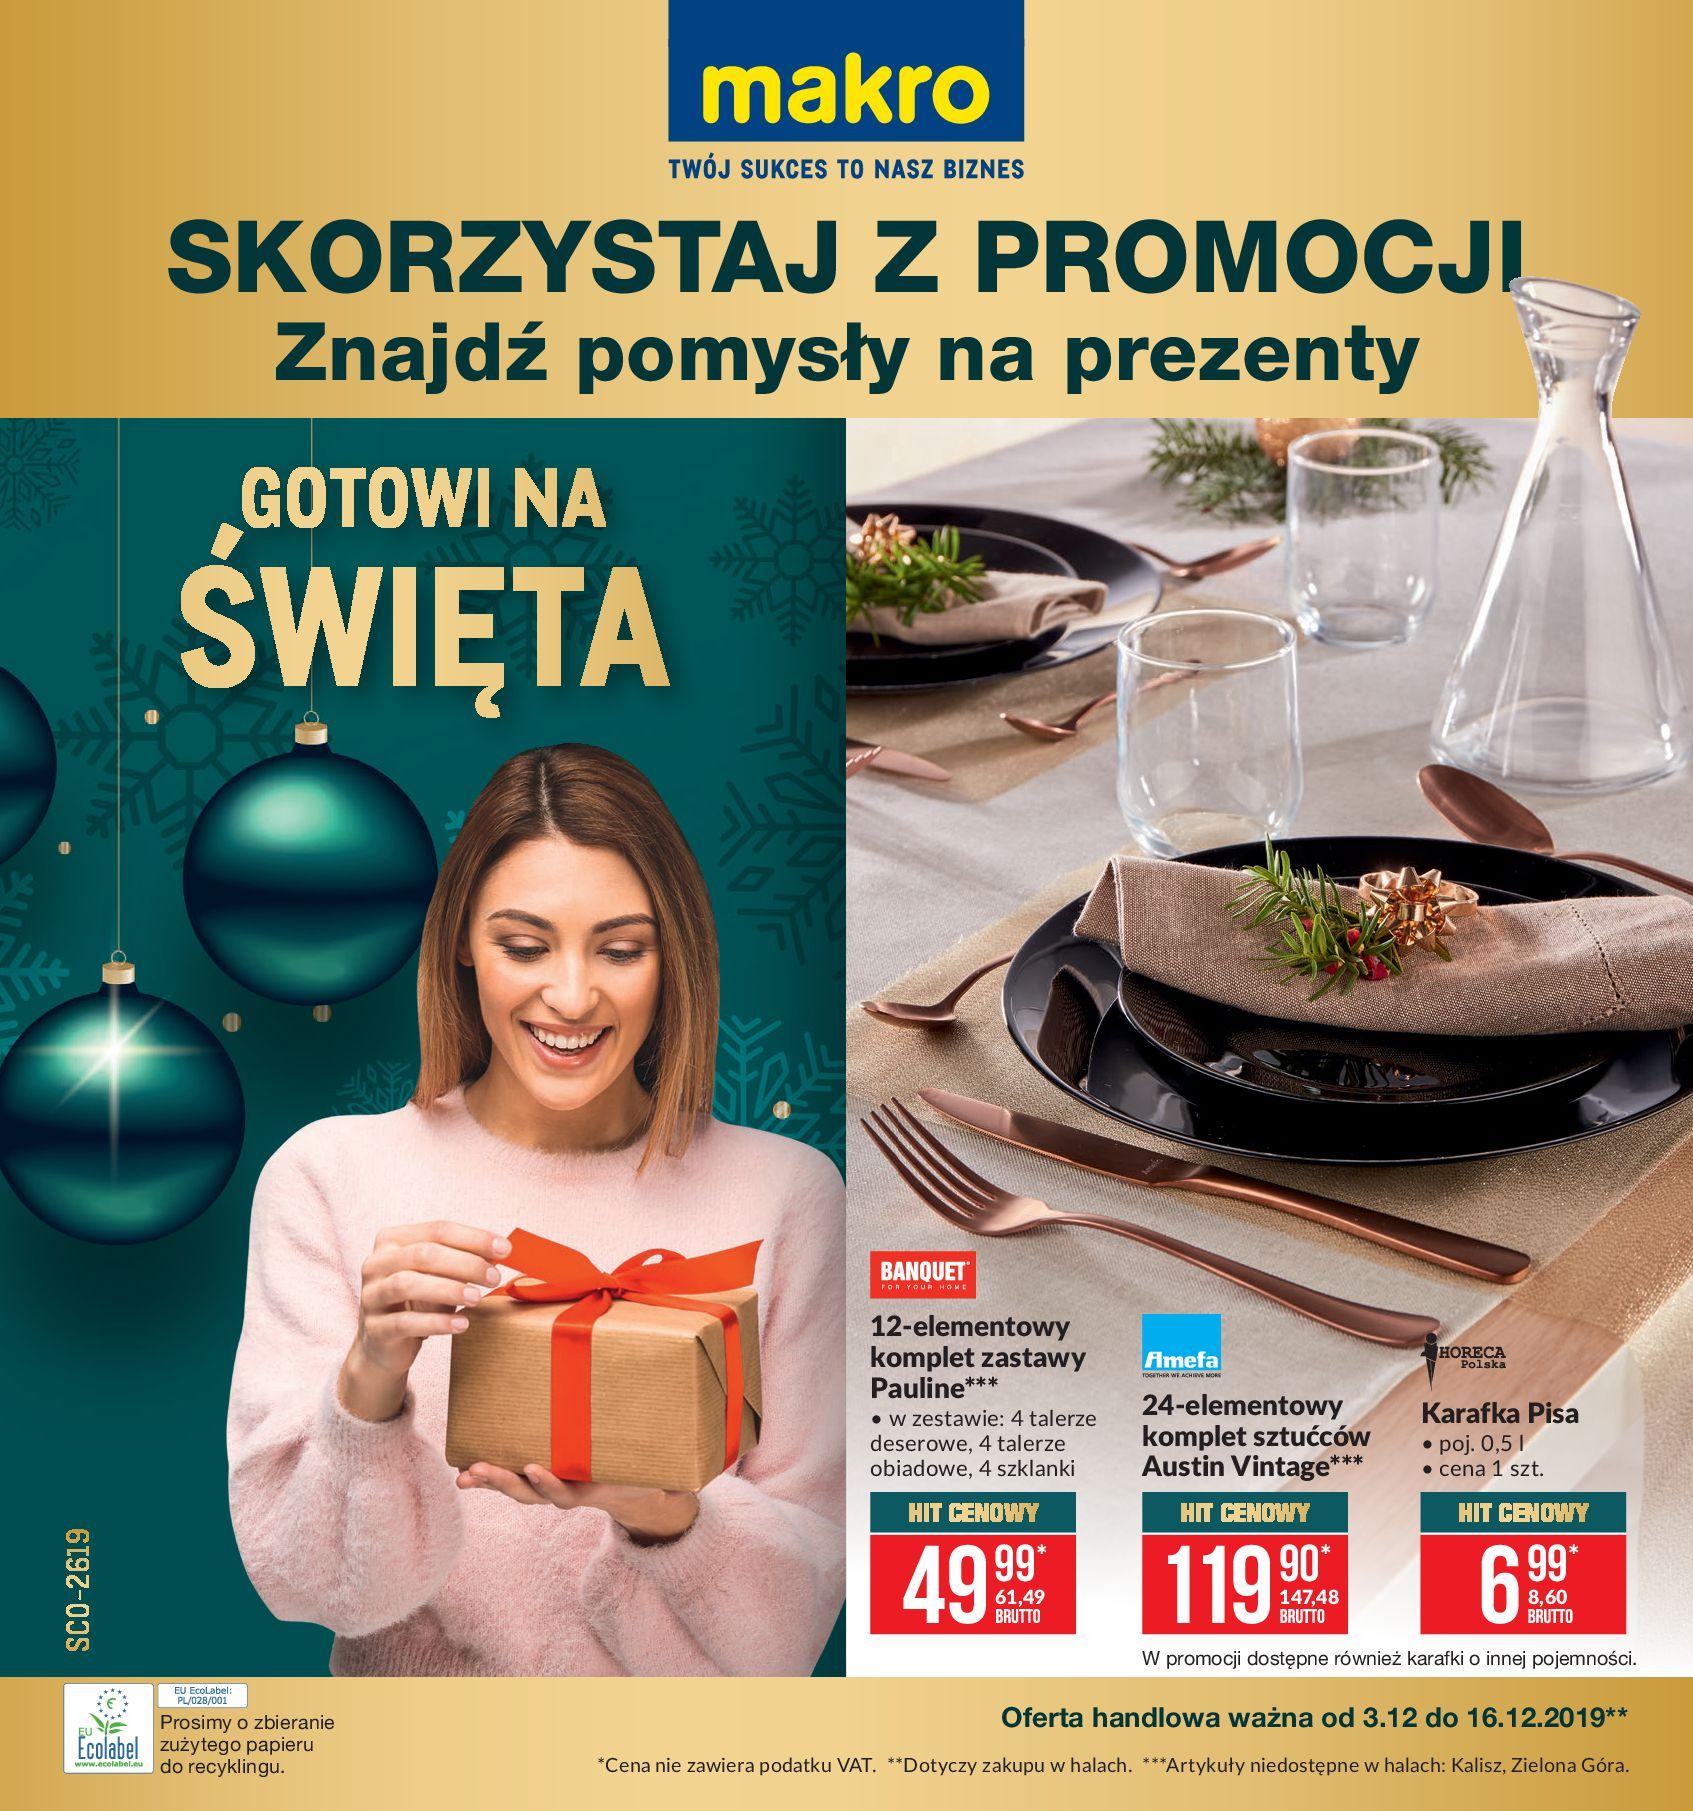 Gazetka Makro - Artykuły przemysłowe-02.12.2019-16.12.2019-page-1